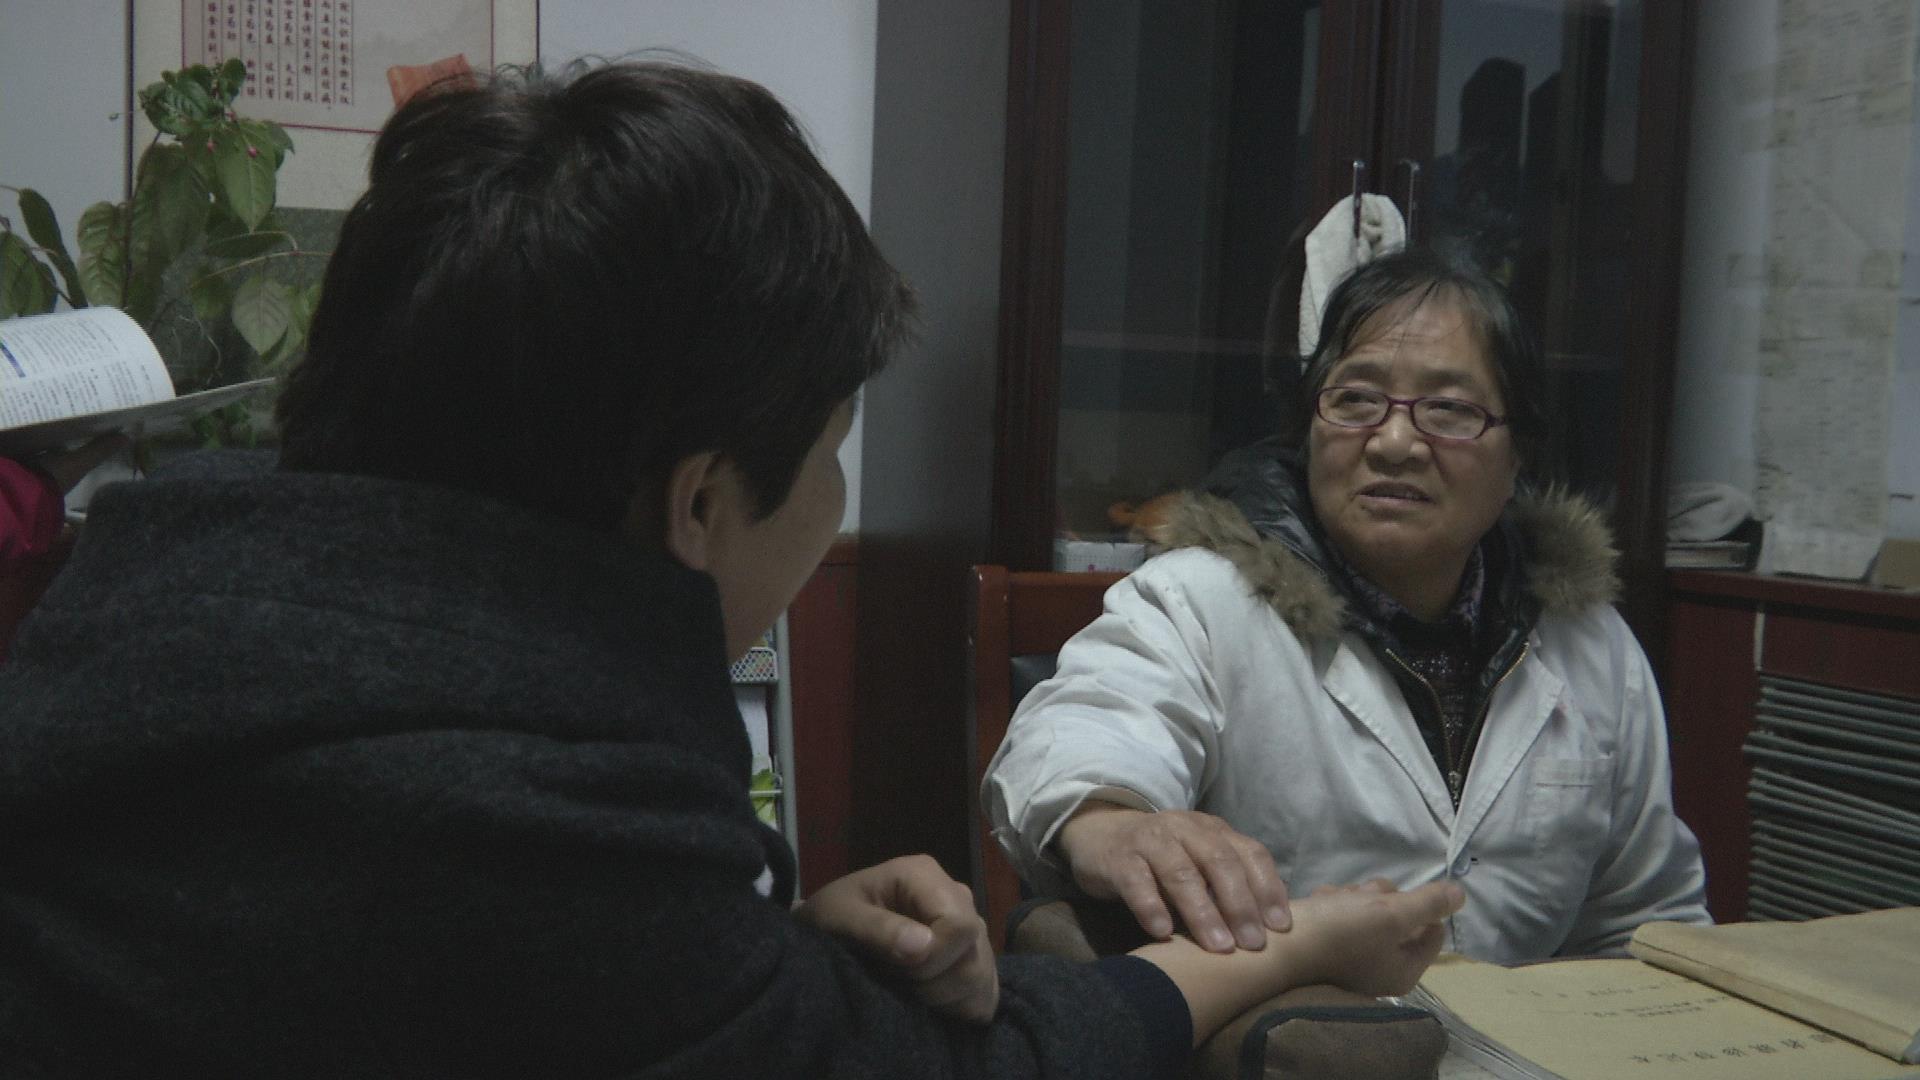 健康中国媒体燕赵行 媒体采访现场